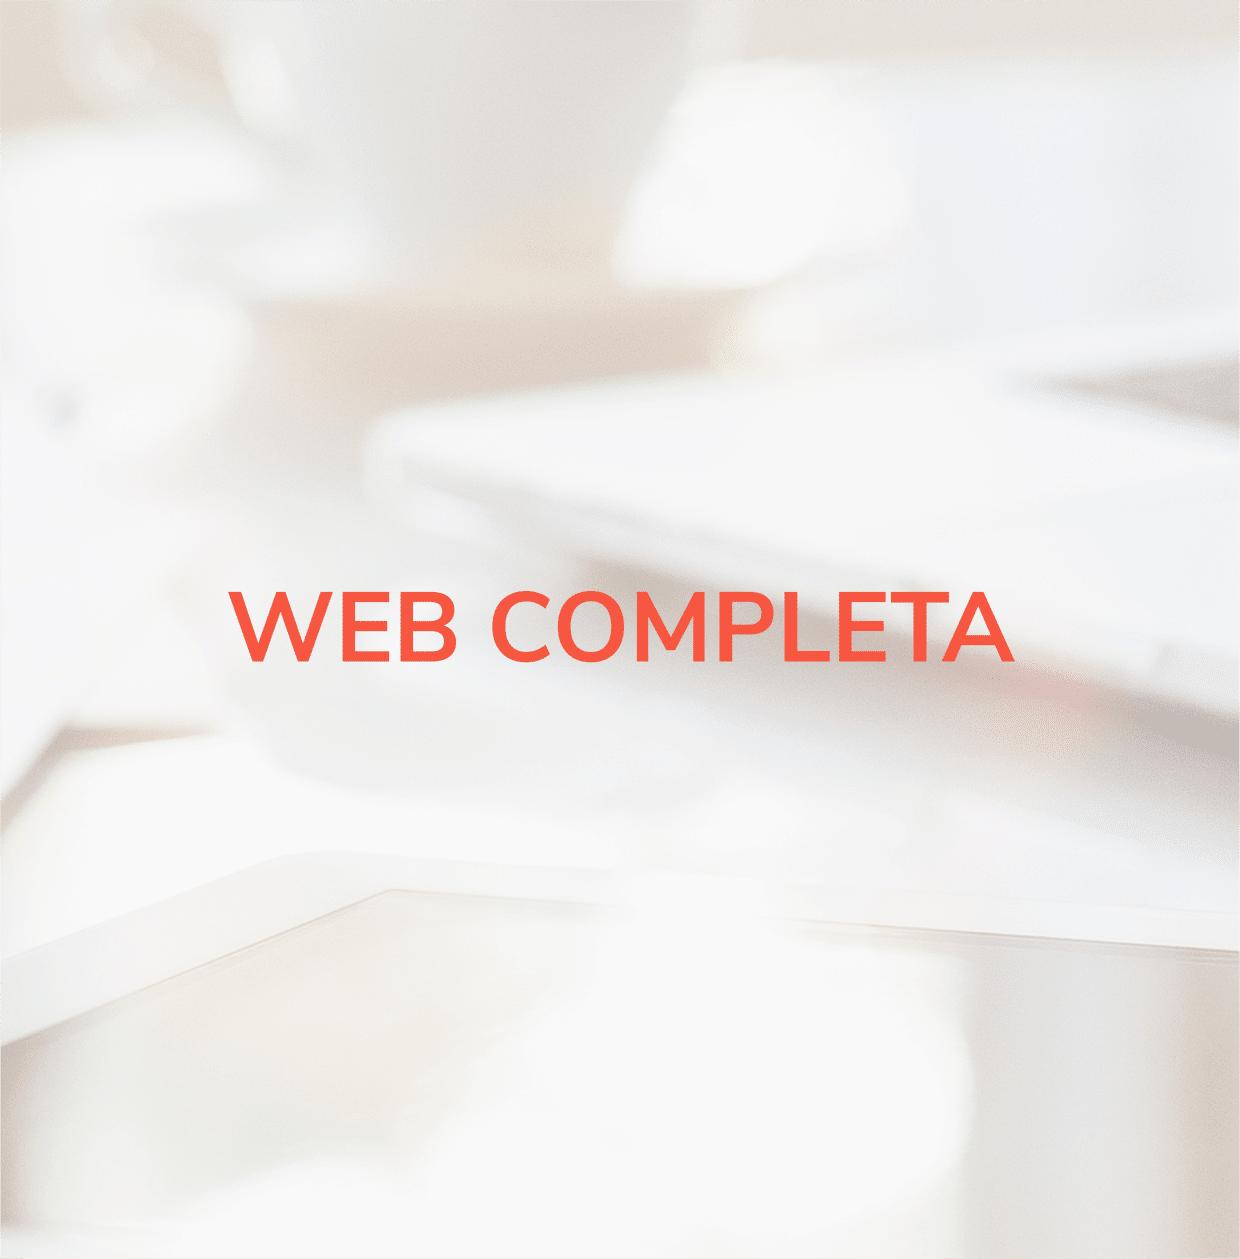 Diseño de Web Completa